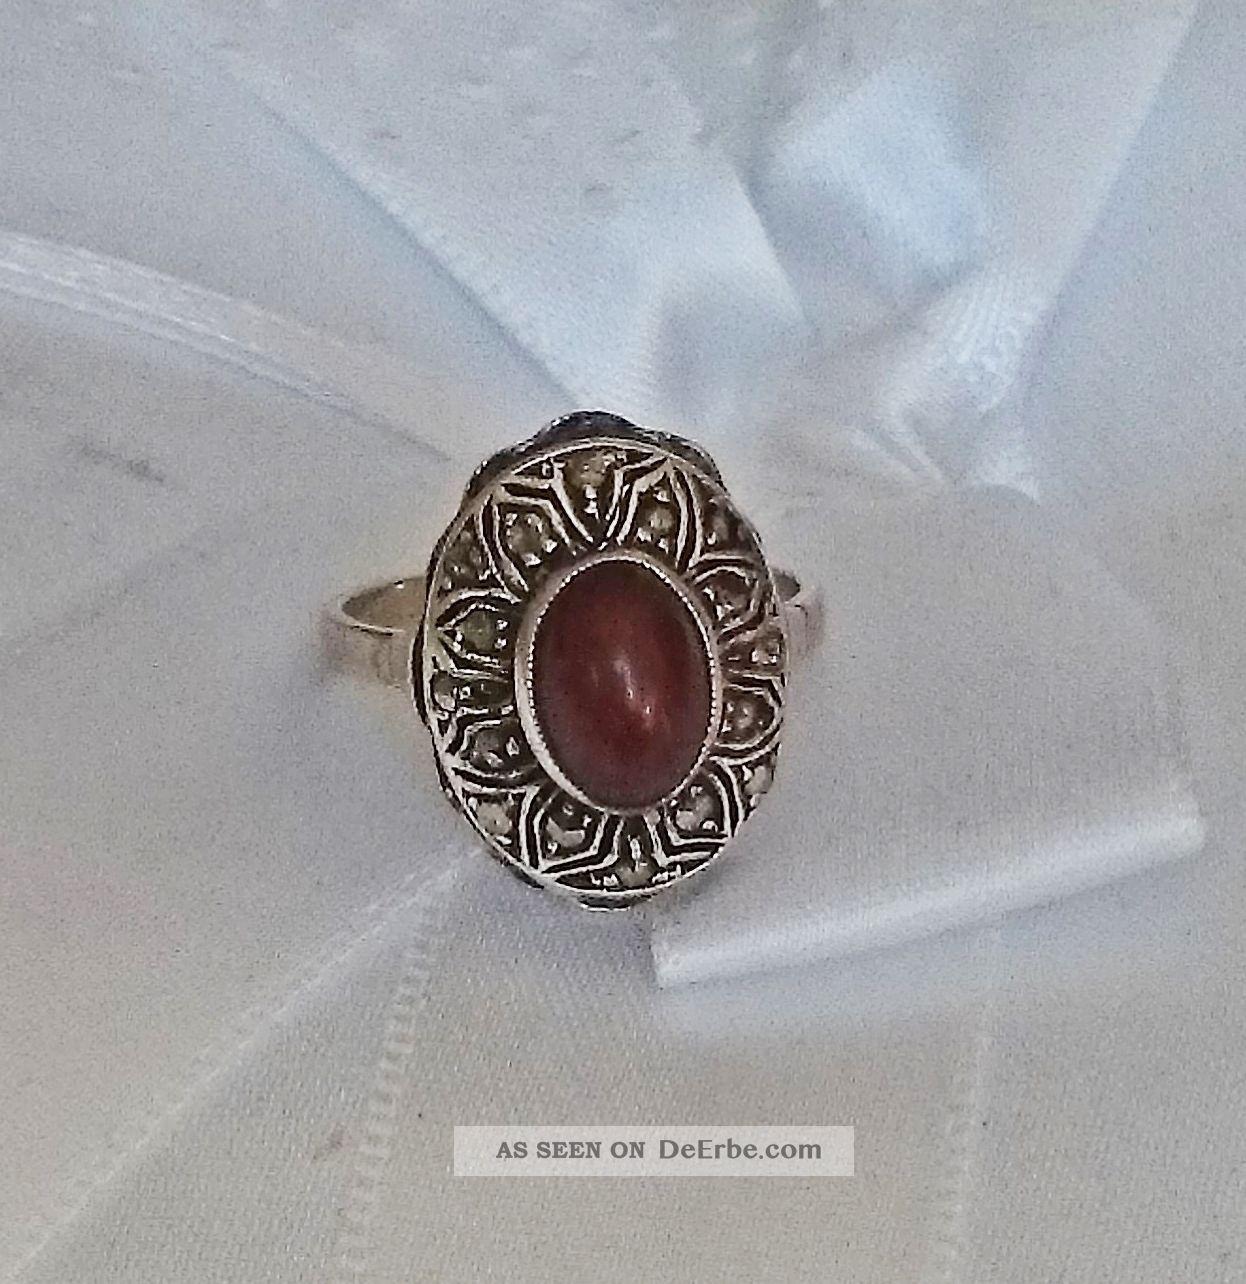 Art Deco Silberring 835 Silber Mit Steinbesatz,  Markasiten Gr.  50 / 4,  6g (735) Schmuck nach Epochen Bild